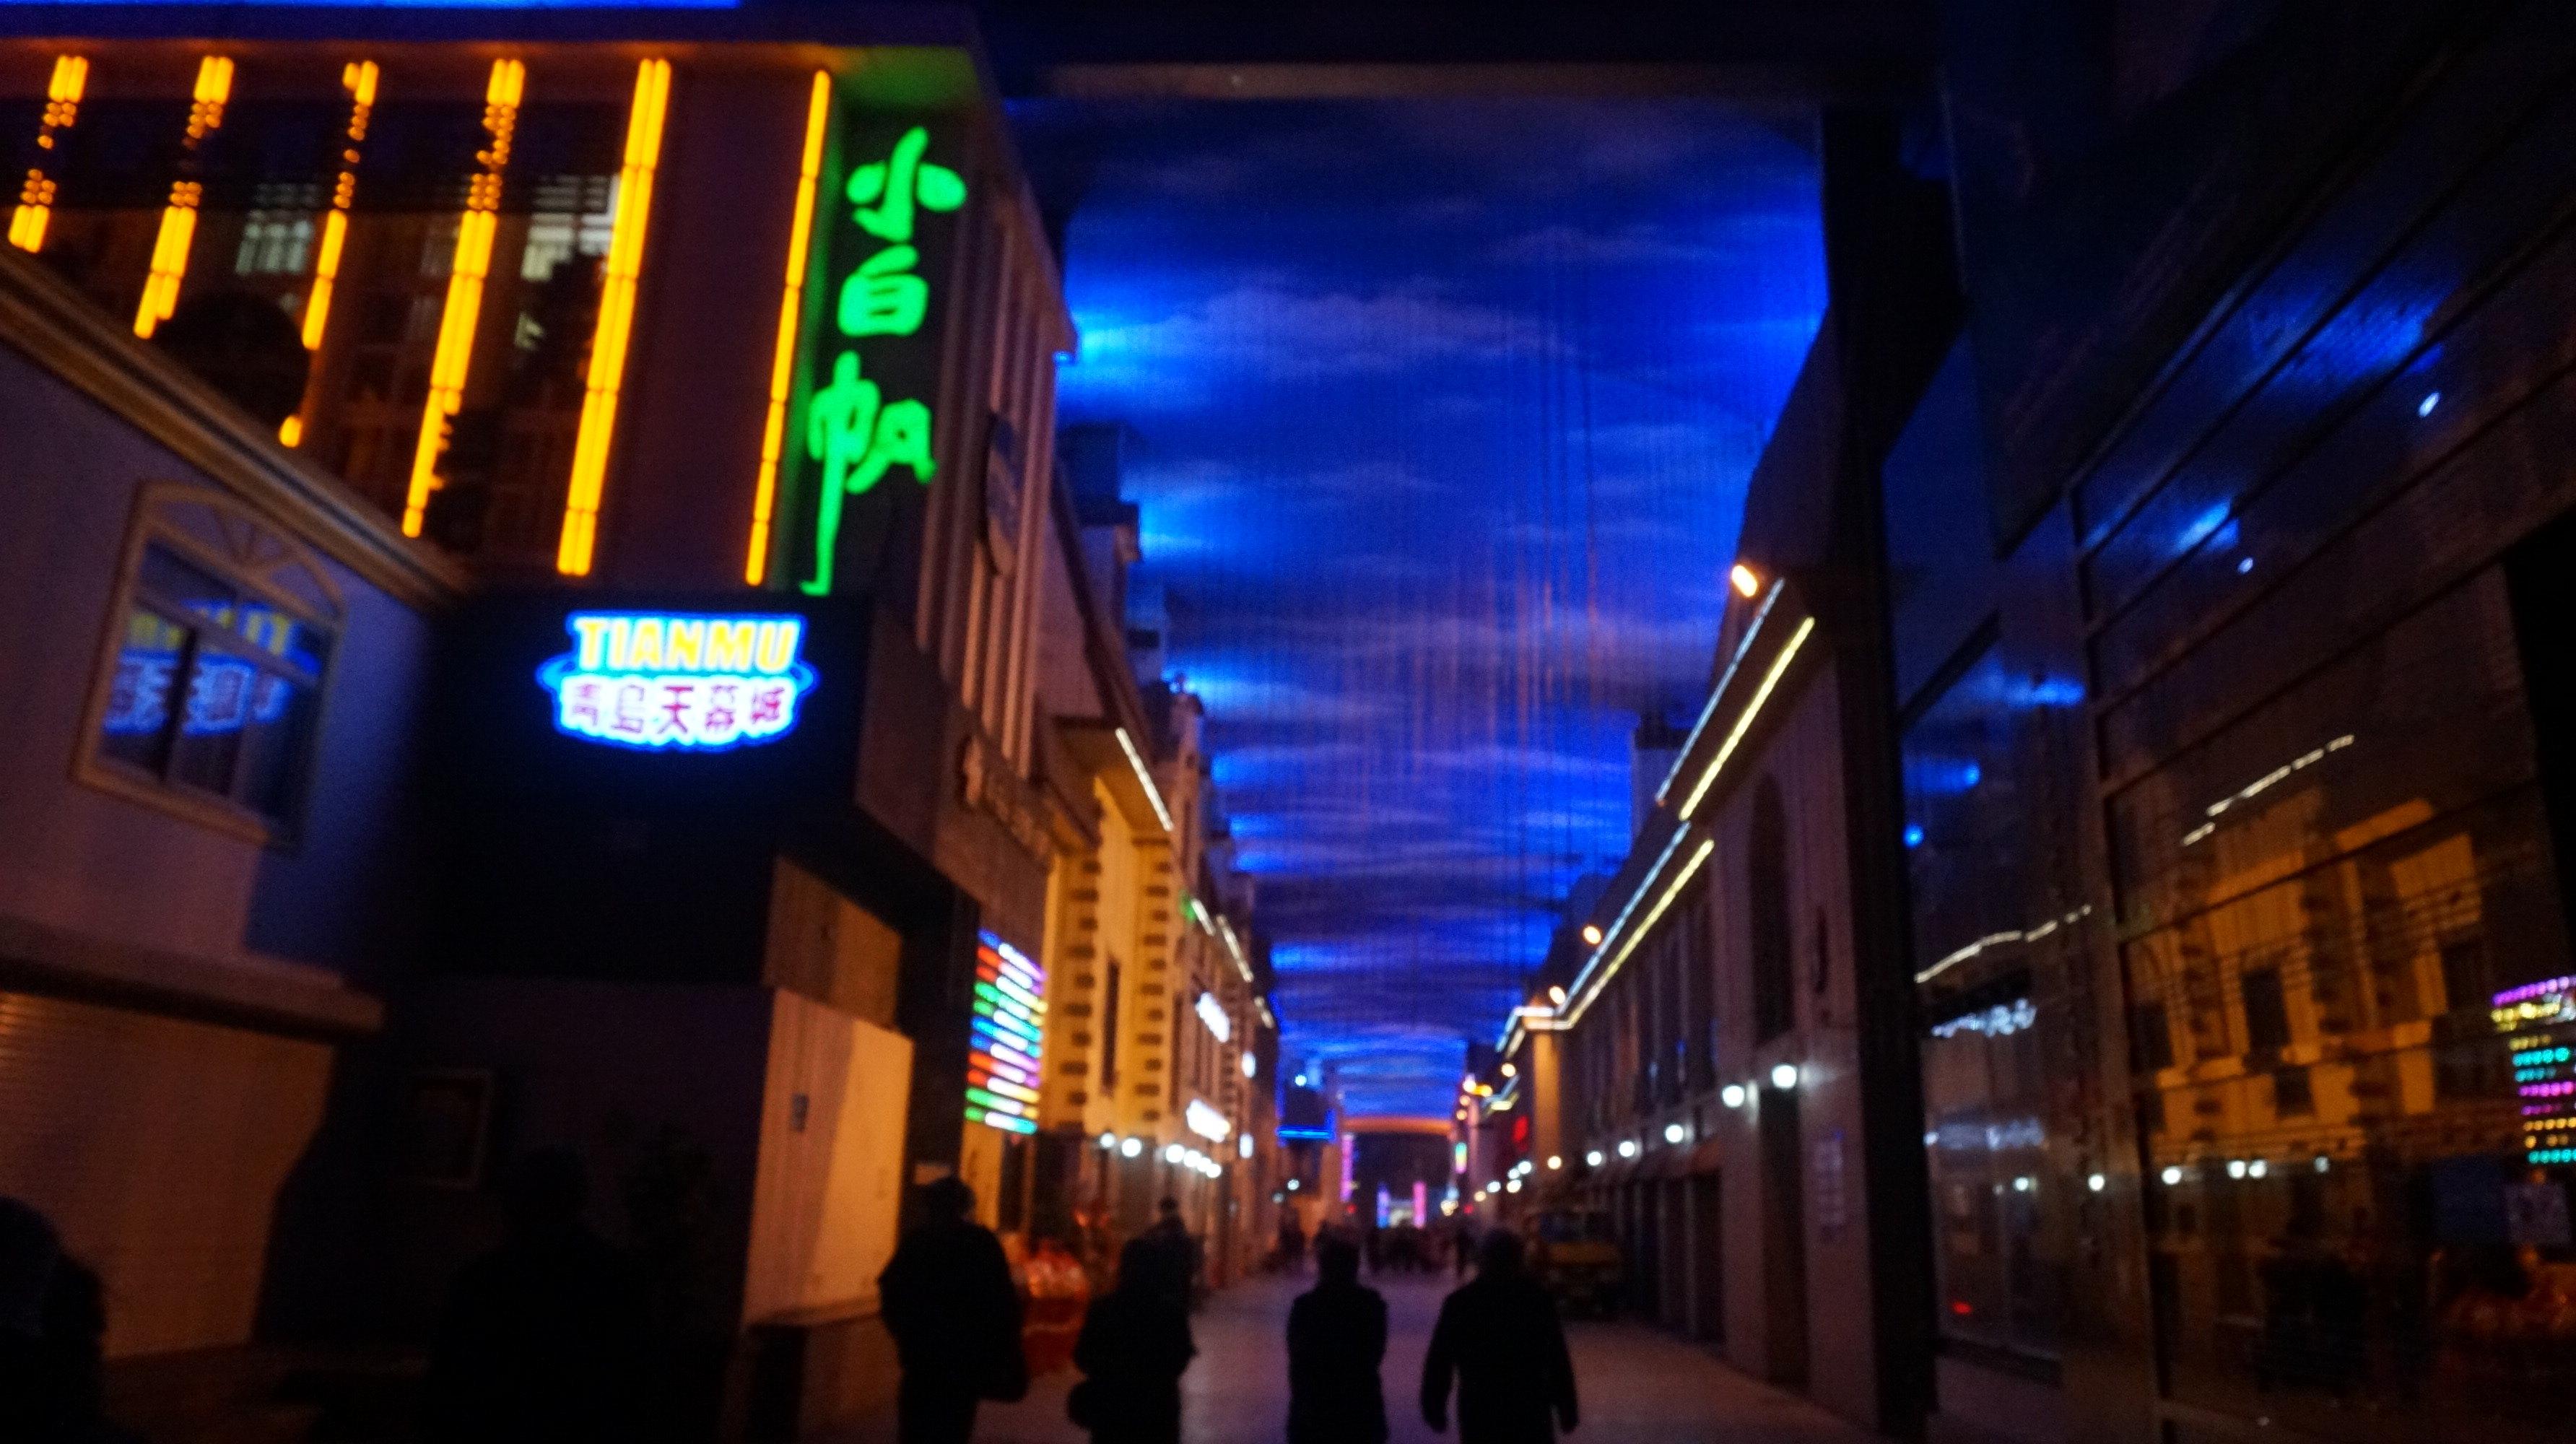 天幕城毗邻登州路啤酒街,是一个特色室内步行商业街,这条总长度约460米的街道设有巨型天幕,不时地变换出各种色彩的天空效果。而走在这里还可看到各种微缩的青岛老建筑,漫步于此仿佛时光倒退回了另一个年代。天幕城最大特点就是天幕、水幕和天幕电影,是个适合来拍拍照的地方